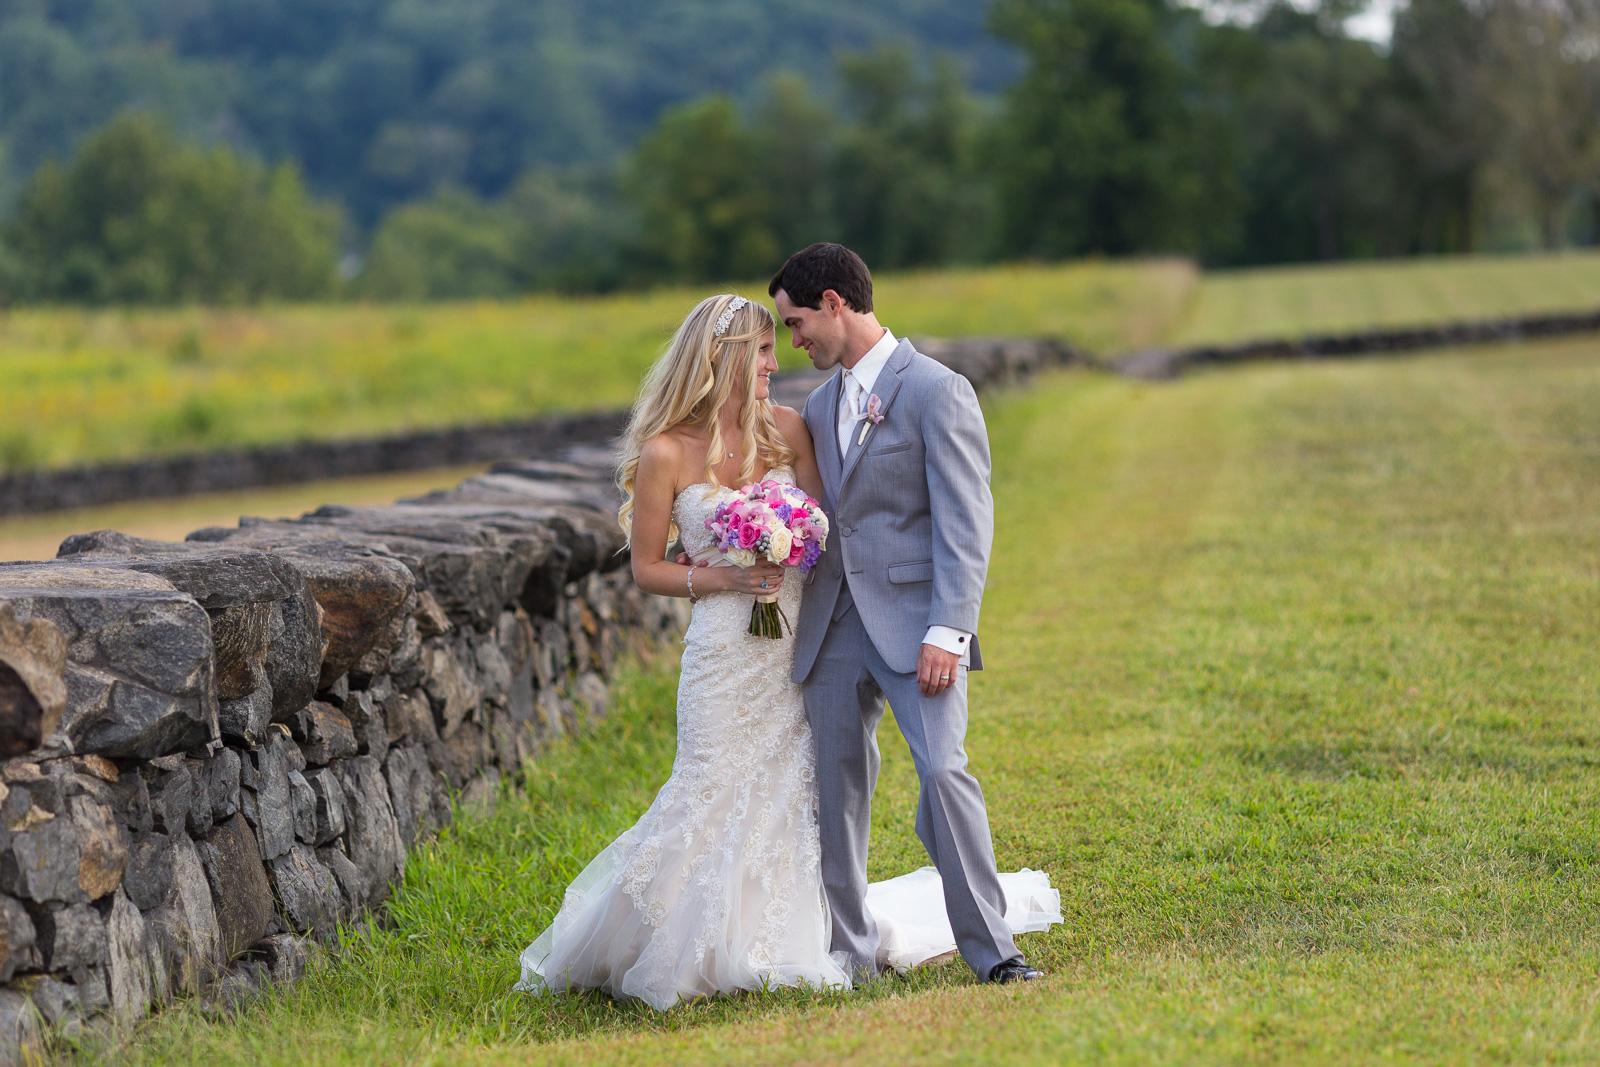 Bride and groom at Brandywine Creek State Park